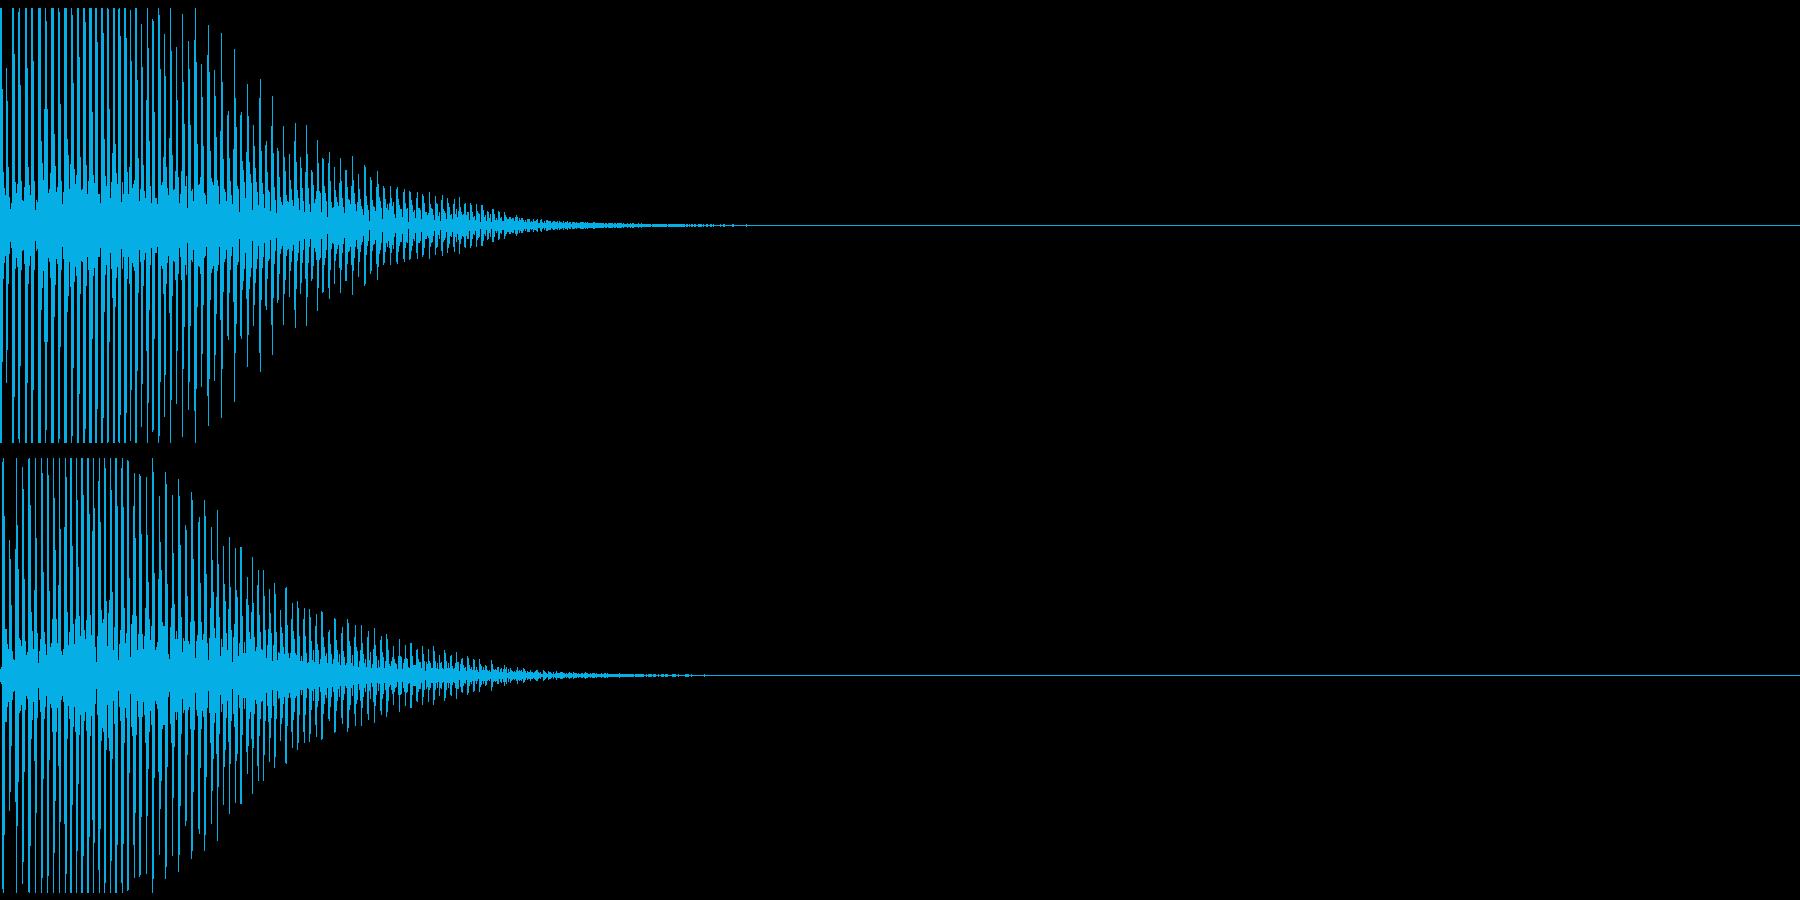 ビヨヨン 失敗 オチ 不正解 ミス NGの再生済みの波形